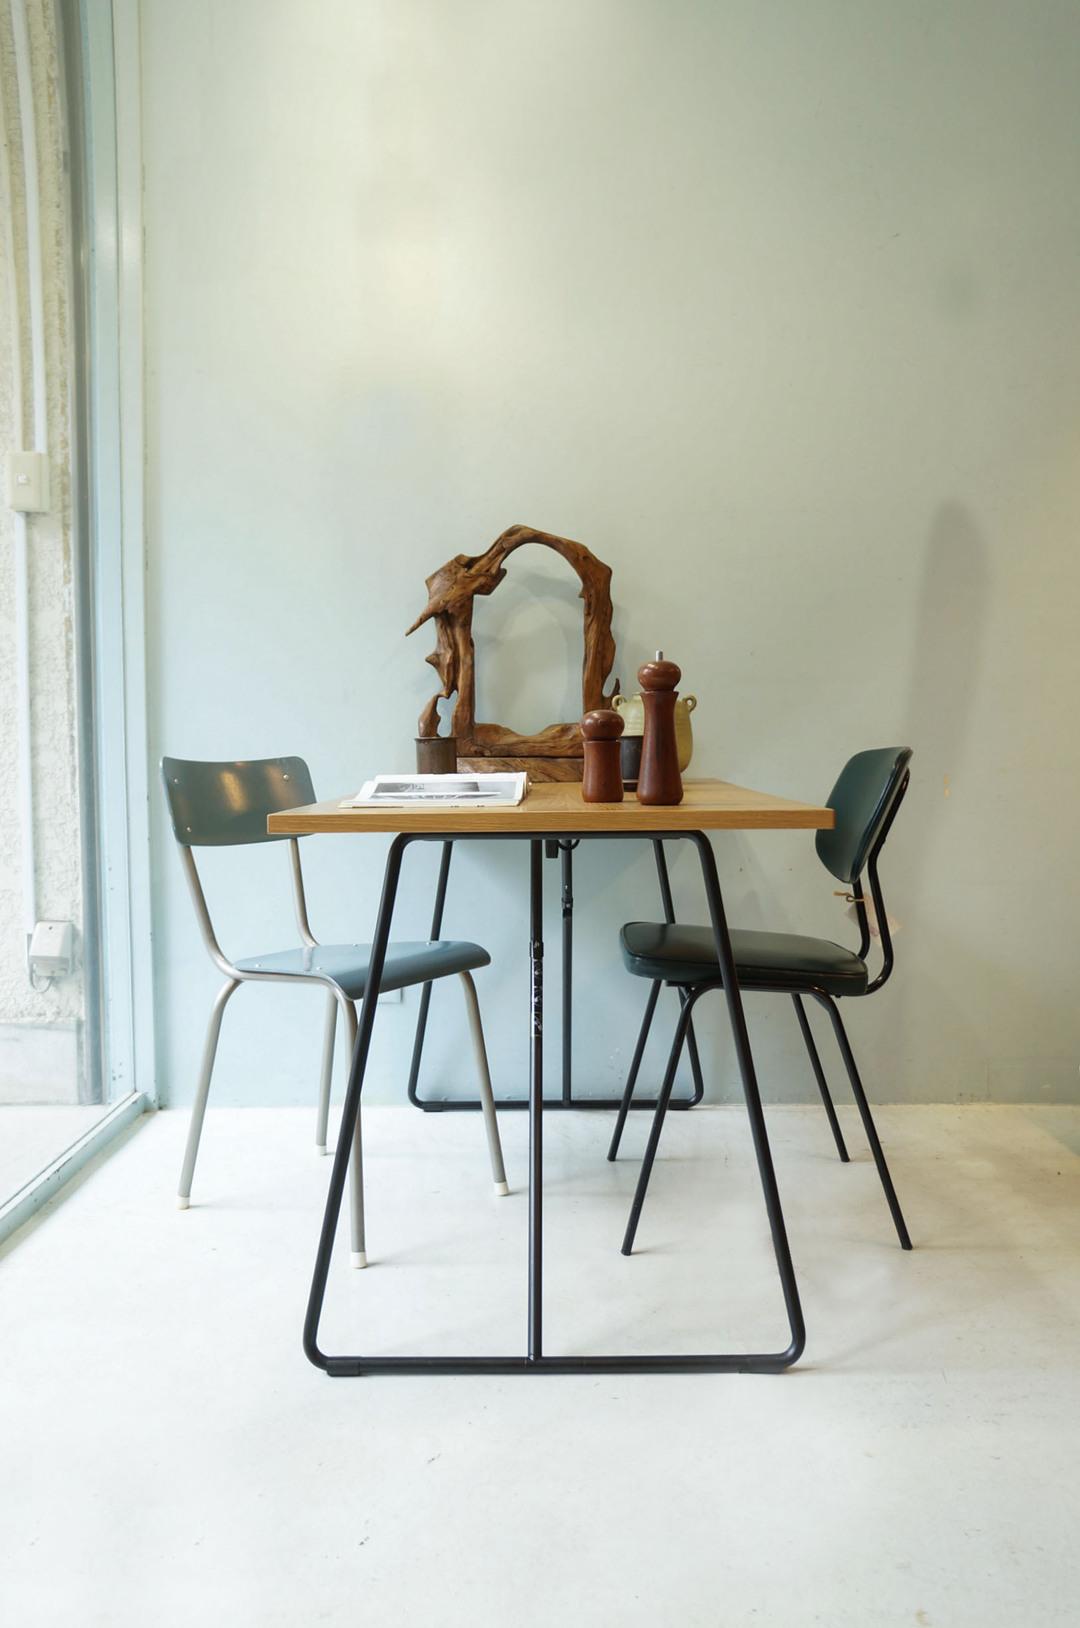 MUJI Folding Dining Table/無印良品 折りたたみテーブル ダイニングテーブル ワークテーブル オーク材 シンプル ナチュラル